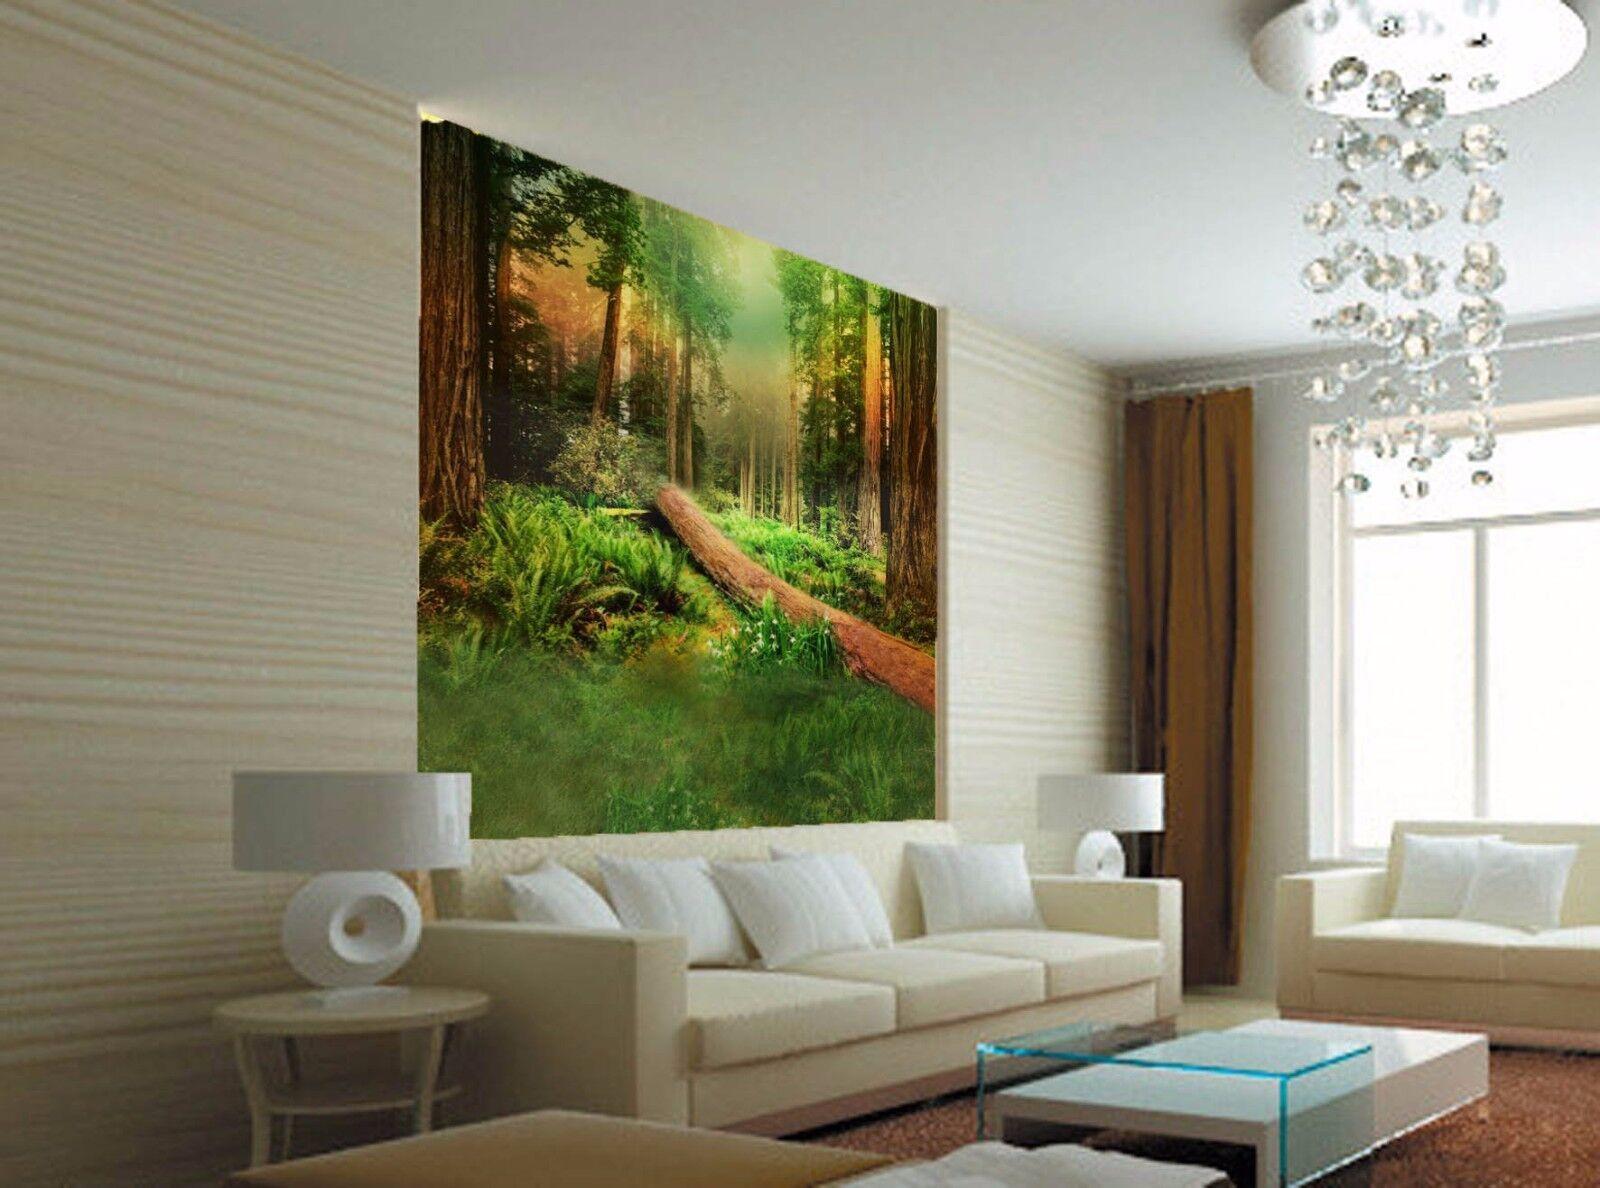 3D Zauber Wald Baum 97 Tapete Wandgemälde Tapete Tapeten Bild Familie DE Summer | Kaufen Sie beruhigt und glücklich spielen  | Neuer Eintrag  | Bunt,